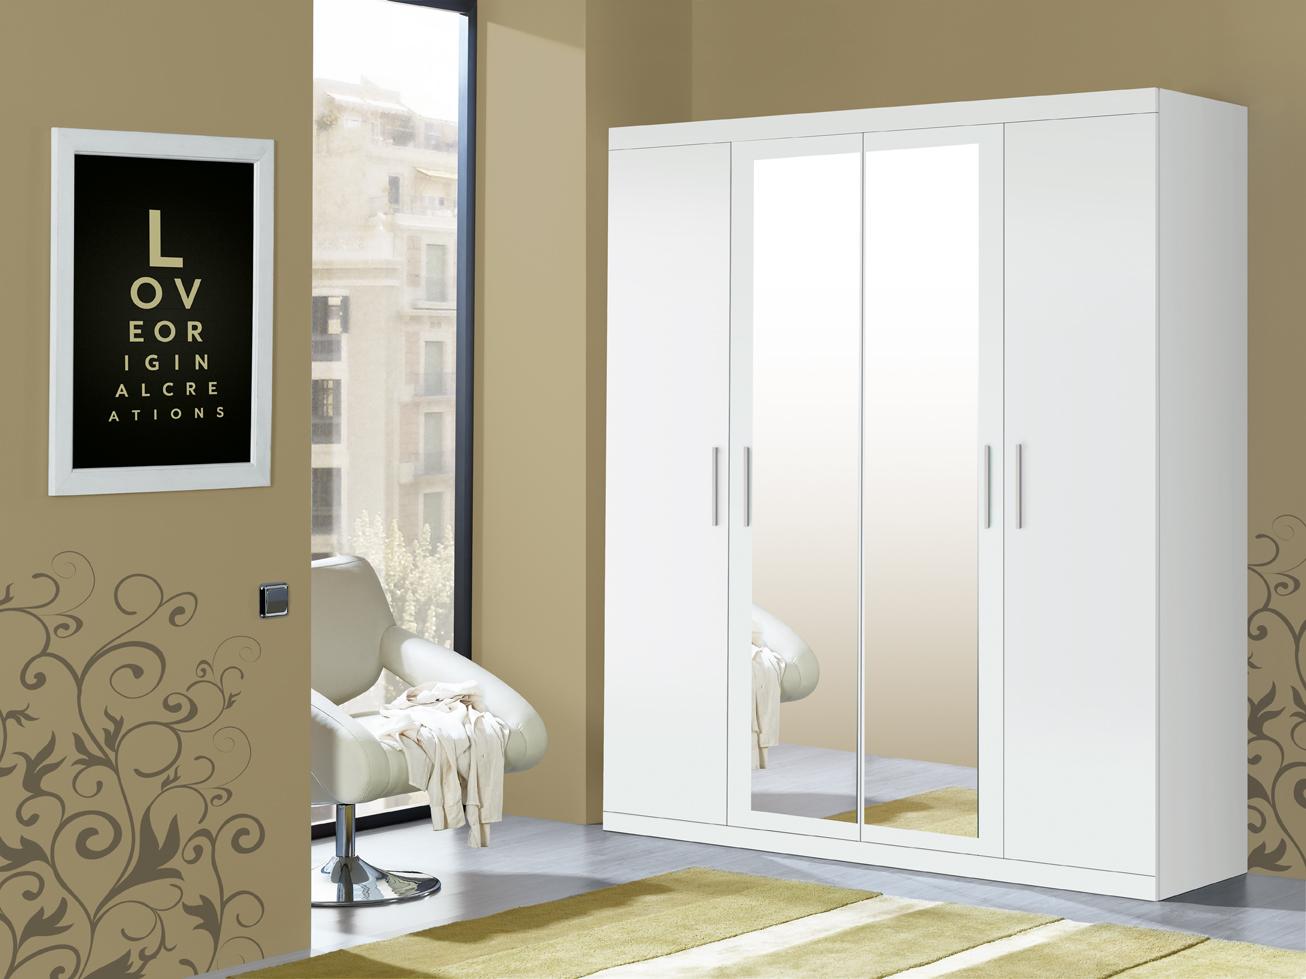 Muebles paco caballero ofertas del mueble for Habitaciones con muebles blancos